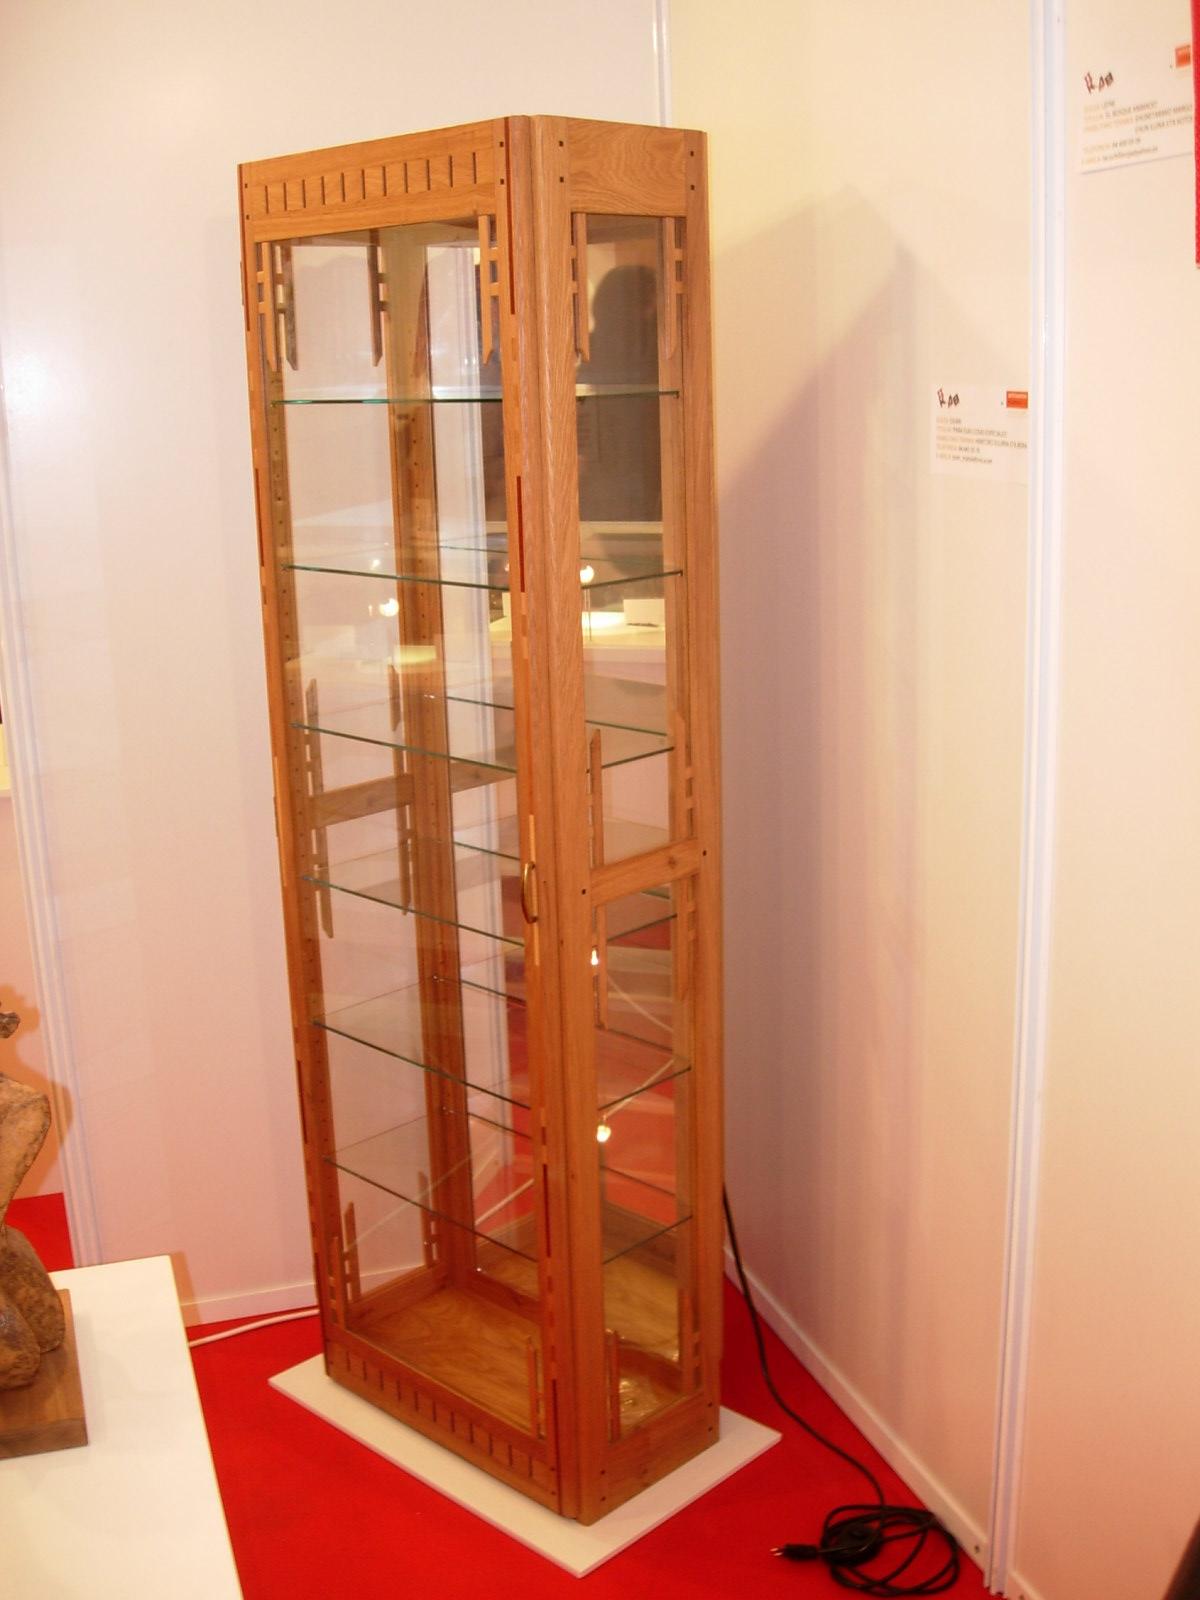 Sjuan ebanister a en madera en bilbao muebles artesanales - Vitrina para colecciones ...